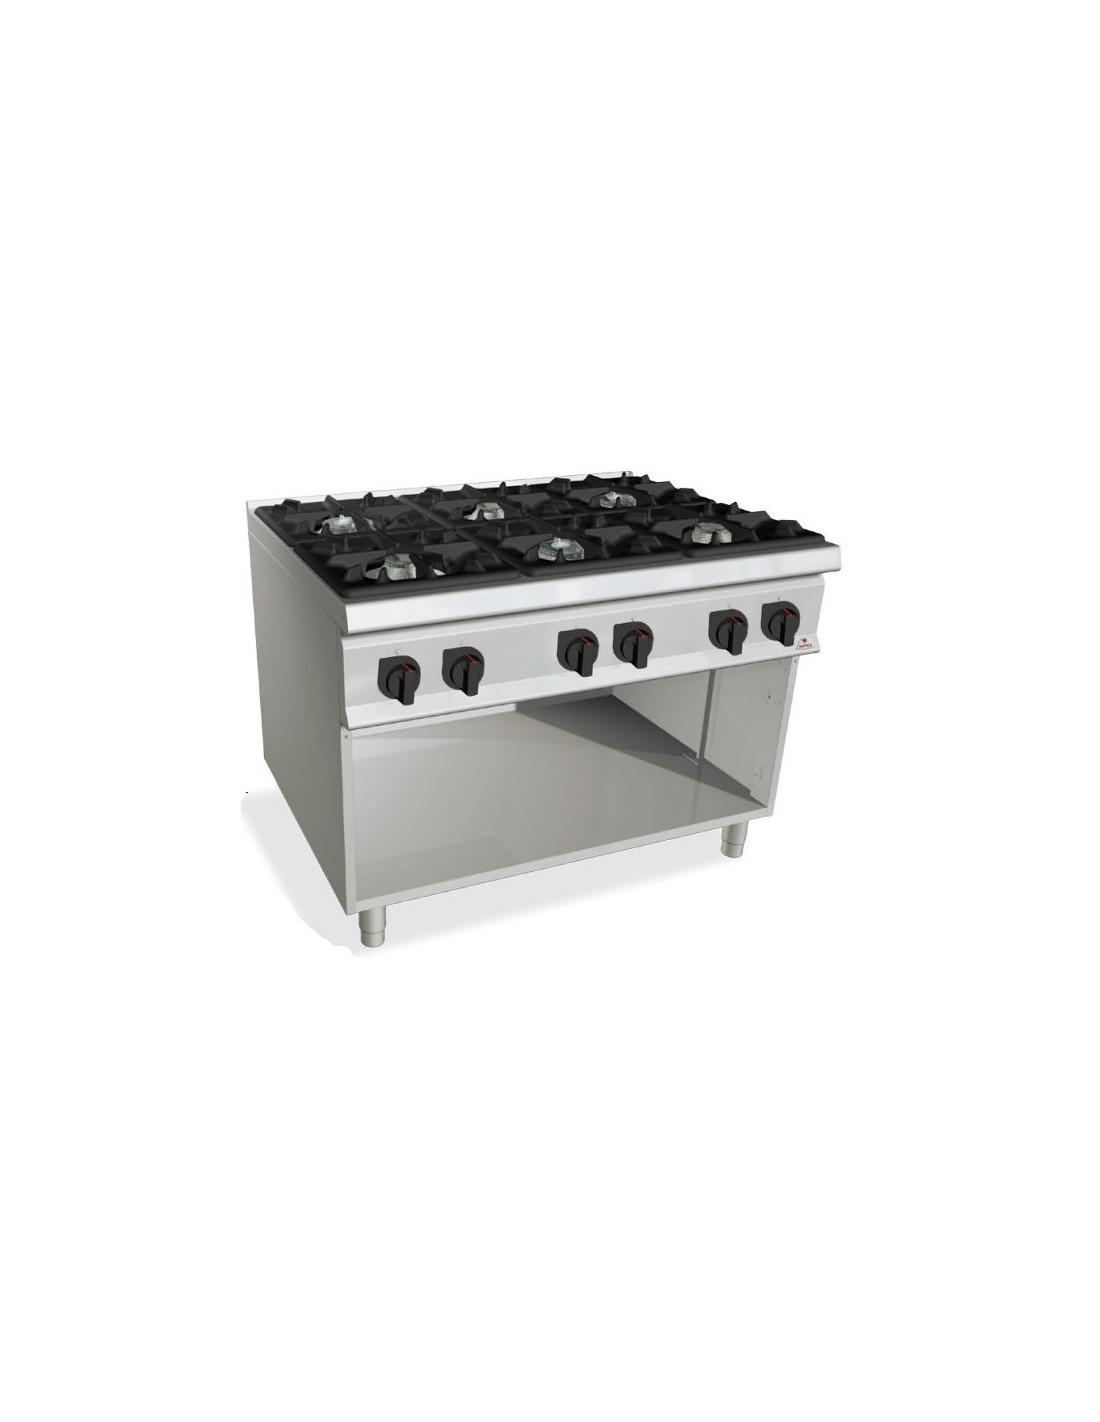 Cocina industrial gas 6 fuegos para hosteleria for Accesorios de cocina industrial